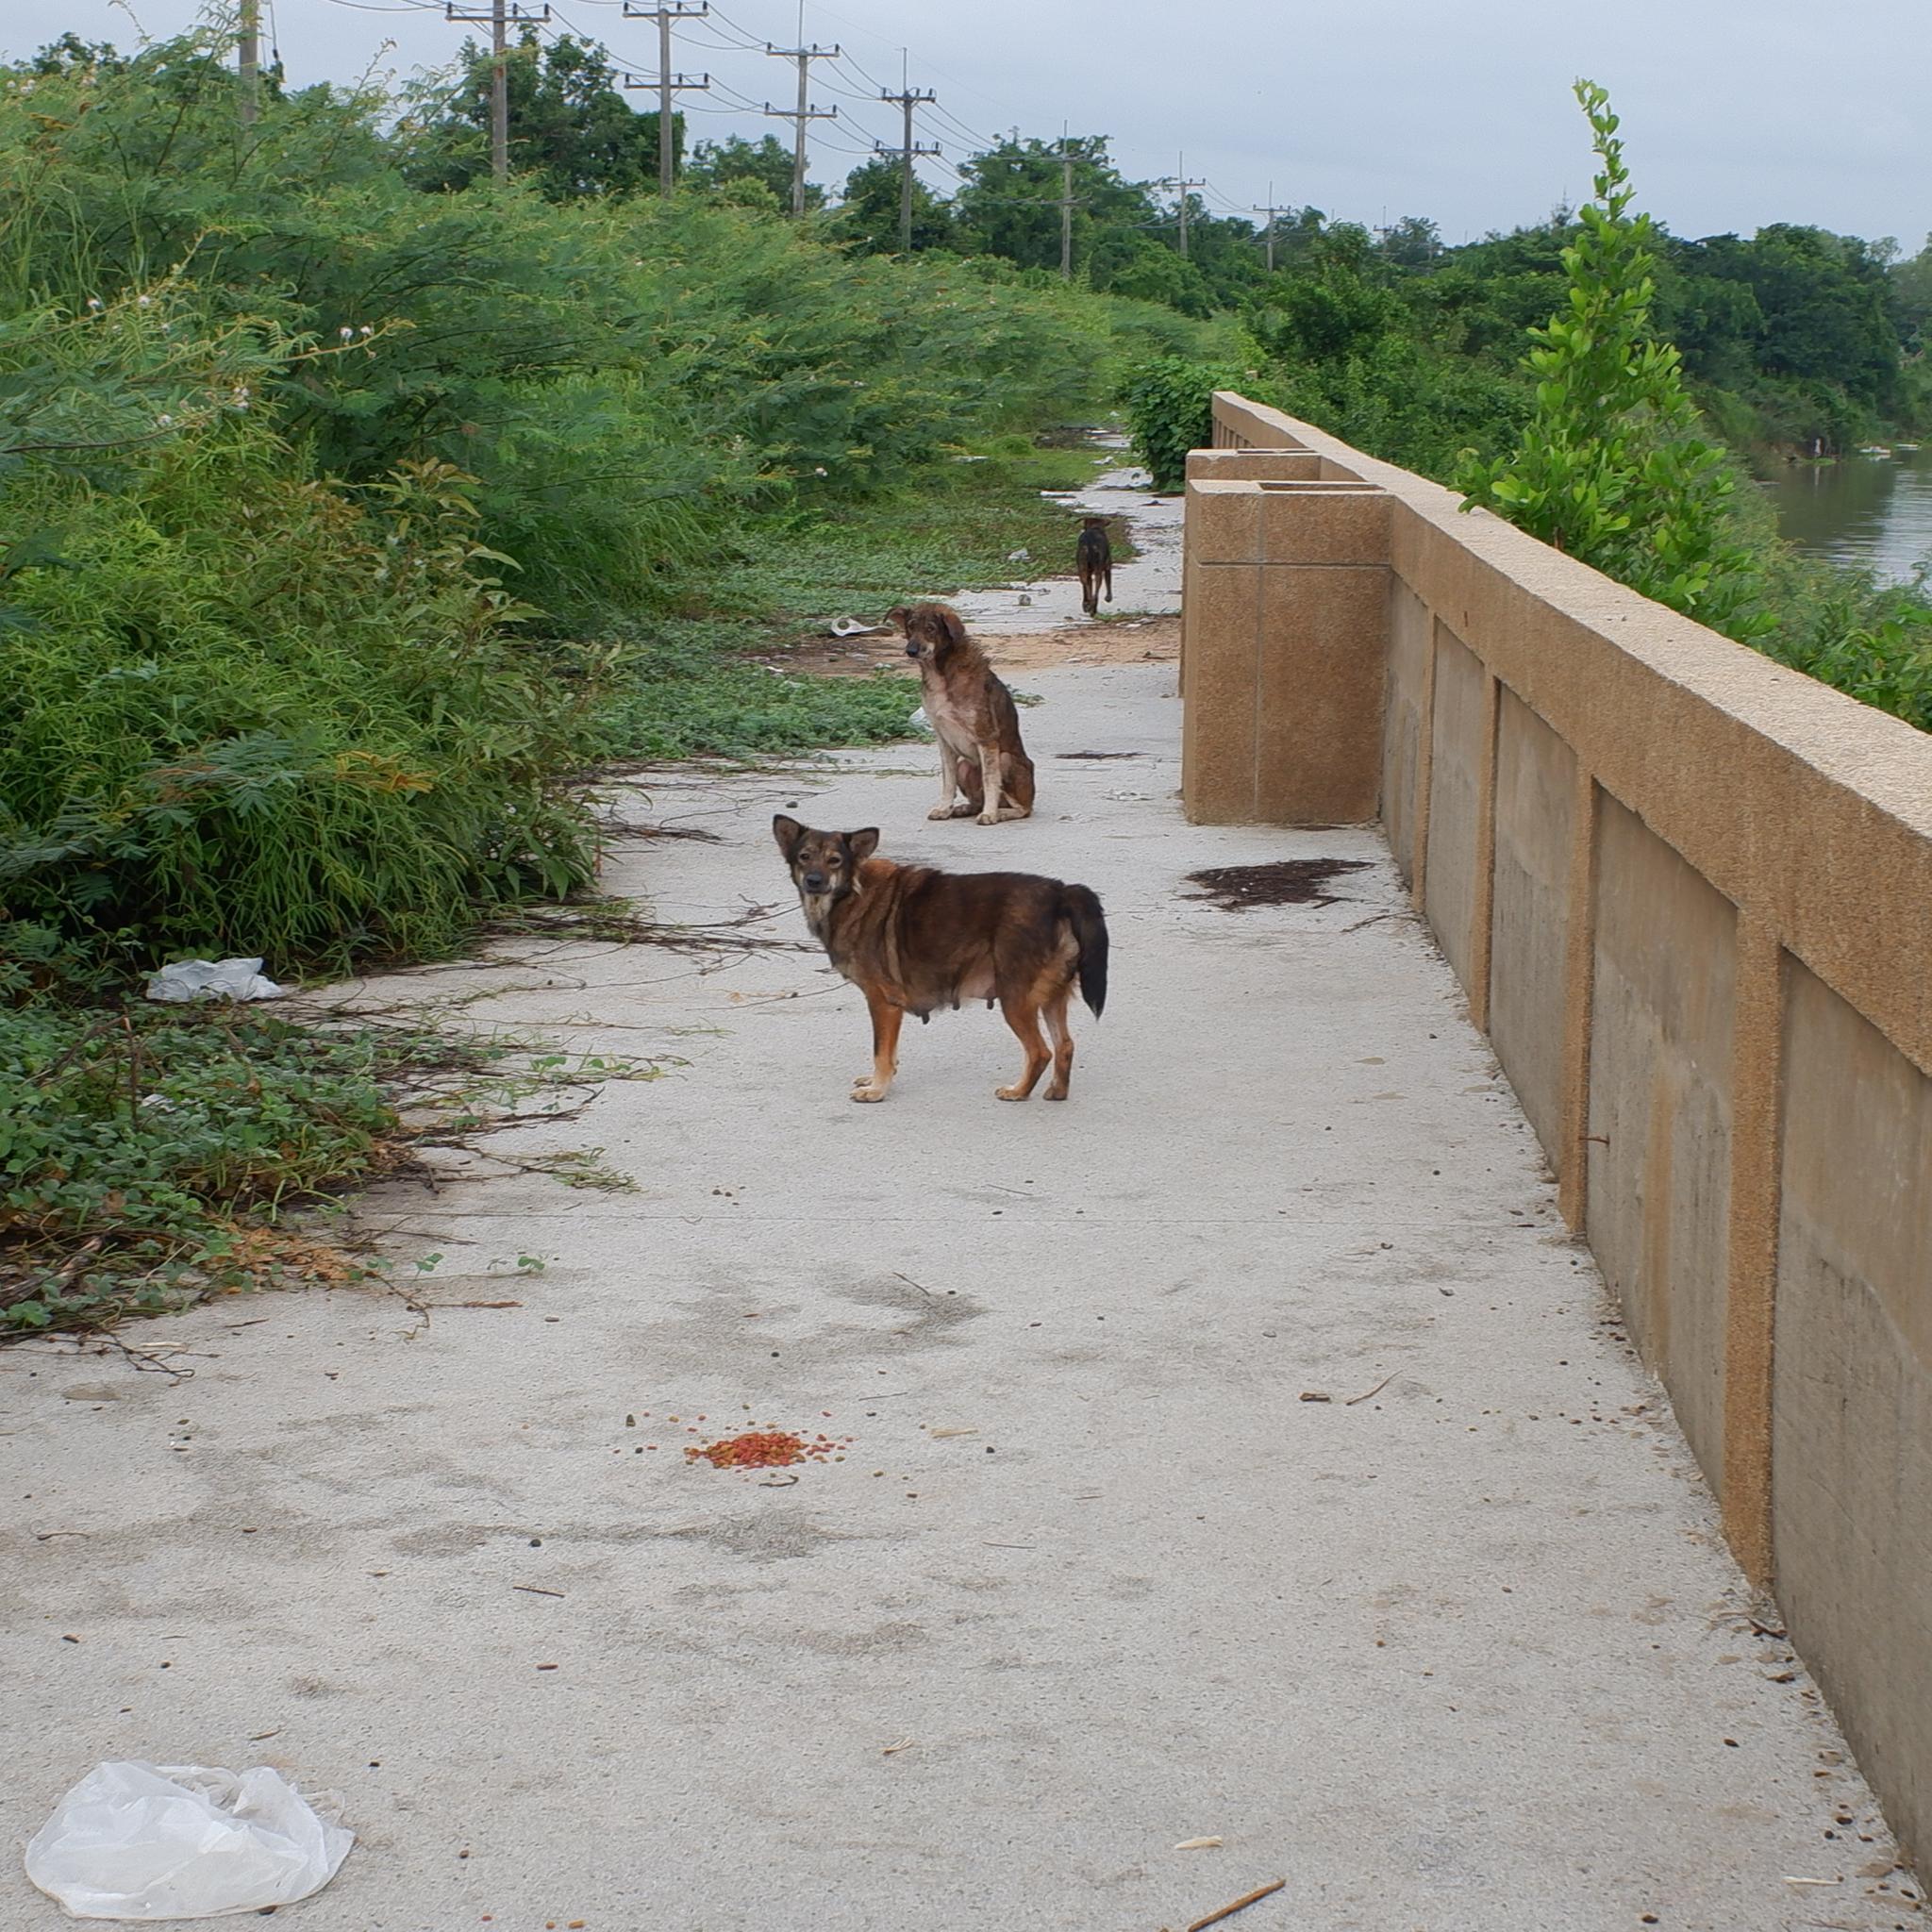 Anna the dog-dscf0818-jpg